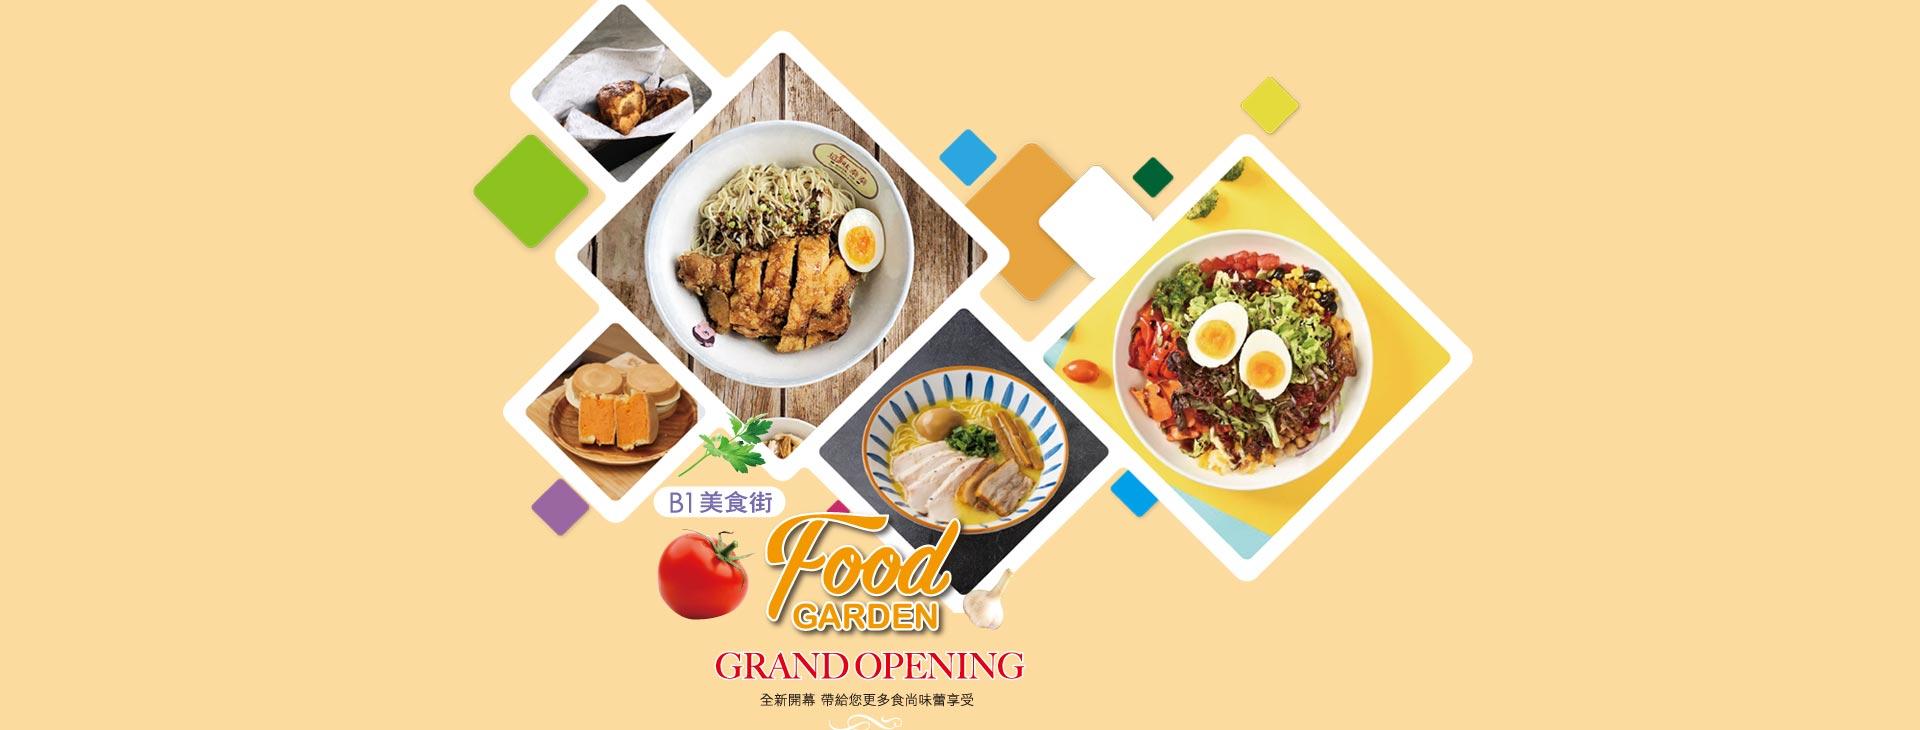 B1美食街 Food GARDEN